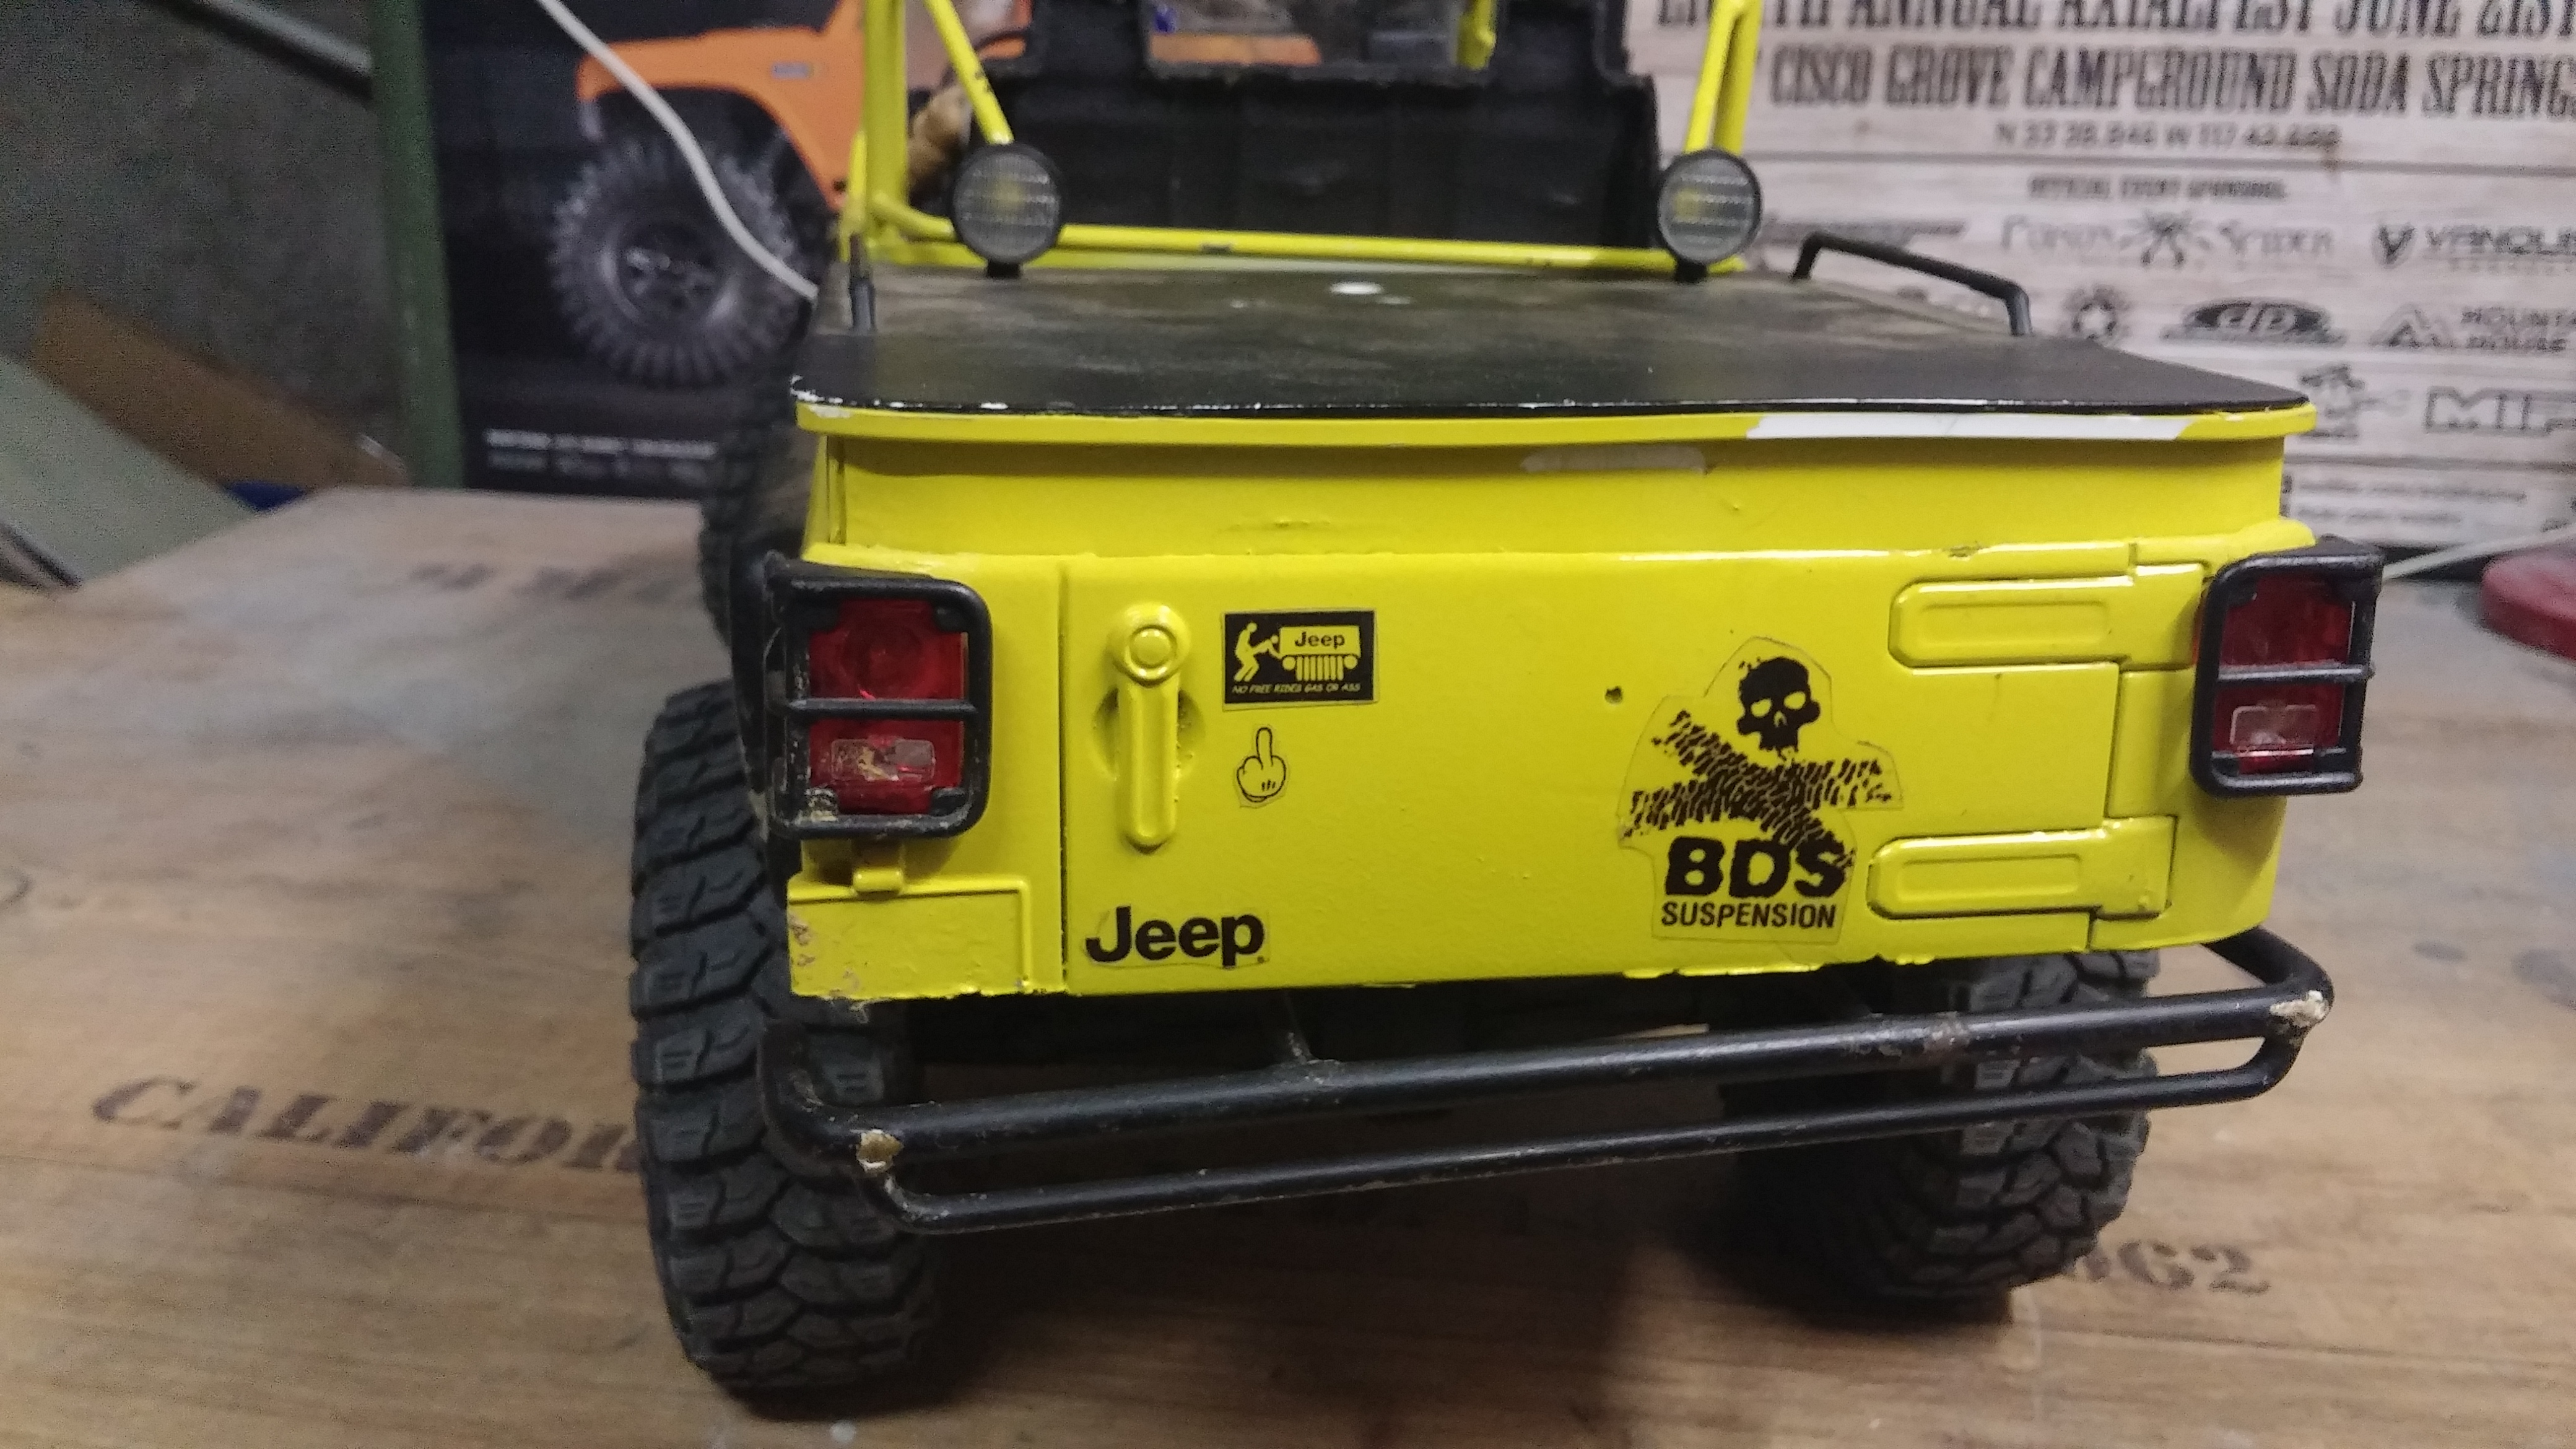 Jeep JK BRUTE Double Cab à la refonte! 71844620141016091156